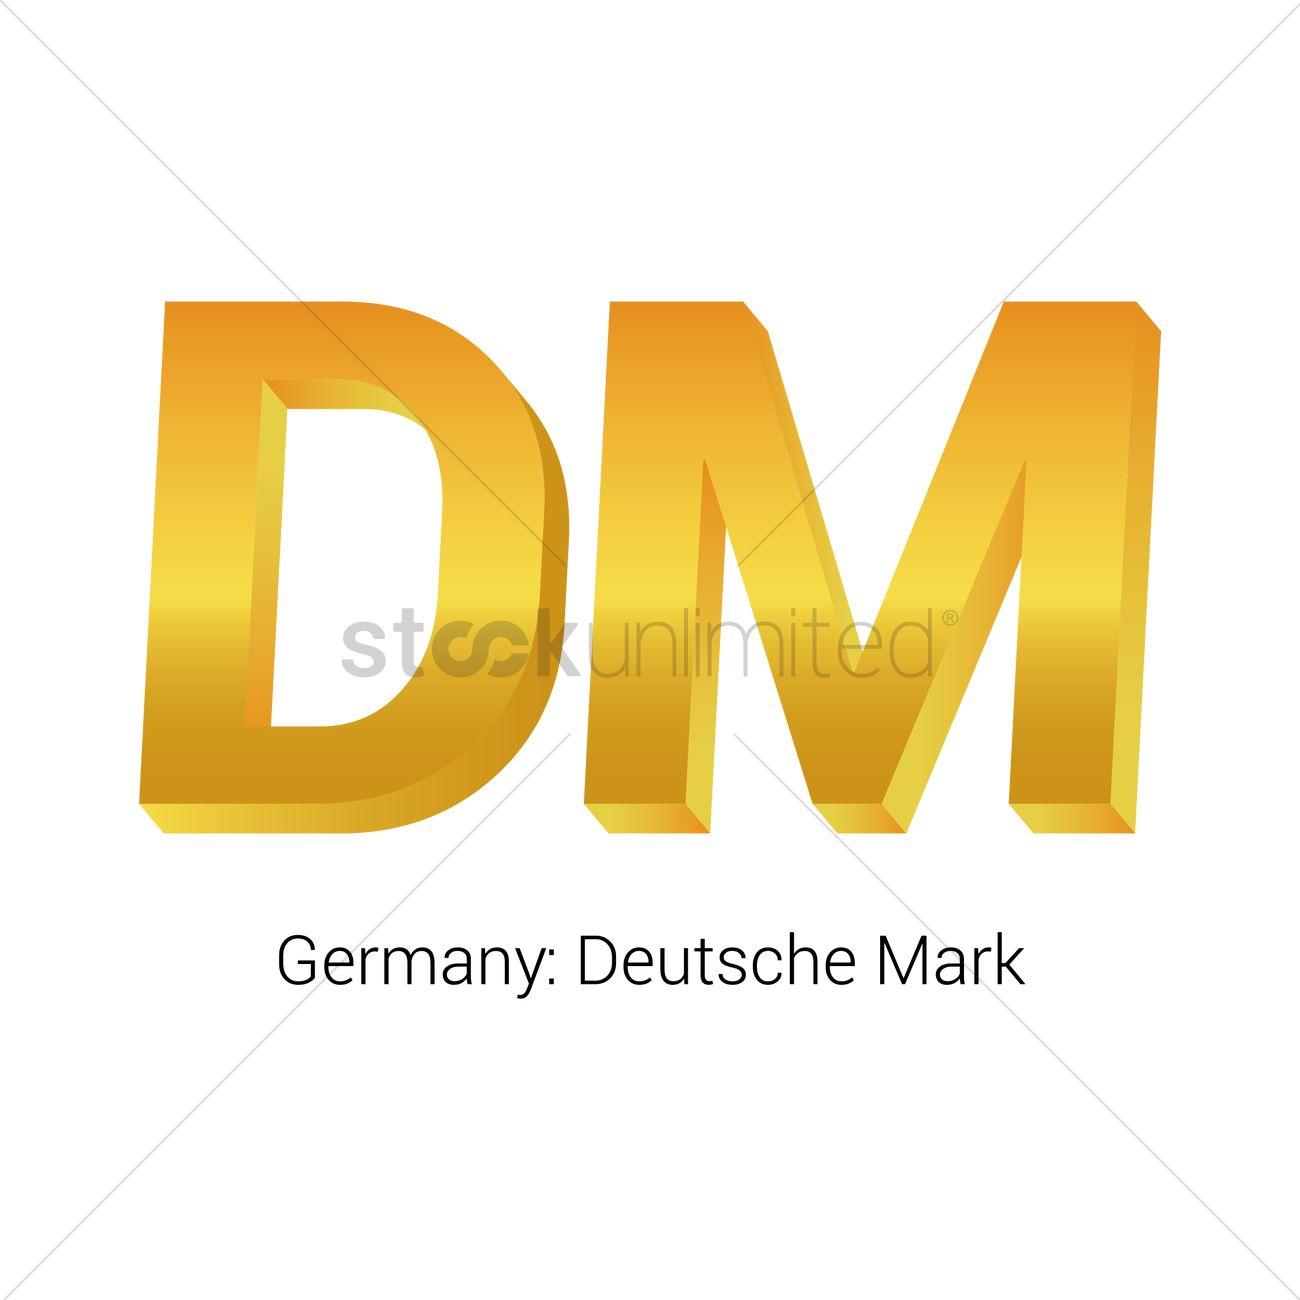 Deutsche Mark Currency Symbol Vector Image 1821546 Stockunlimited